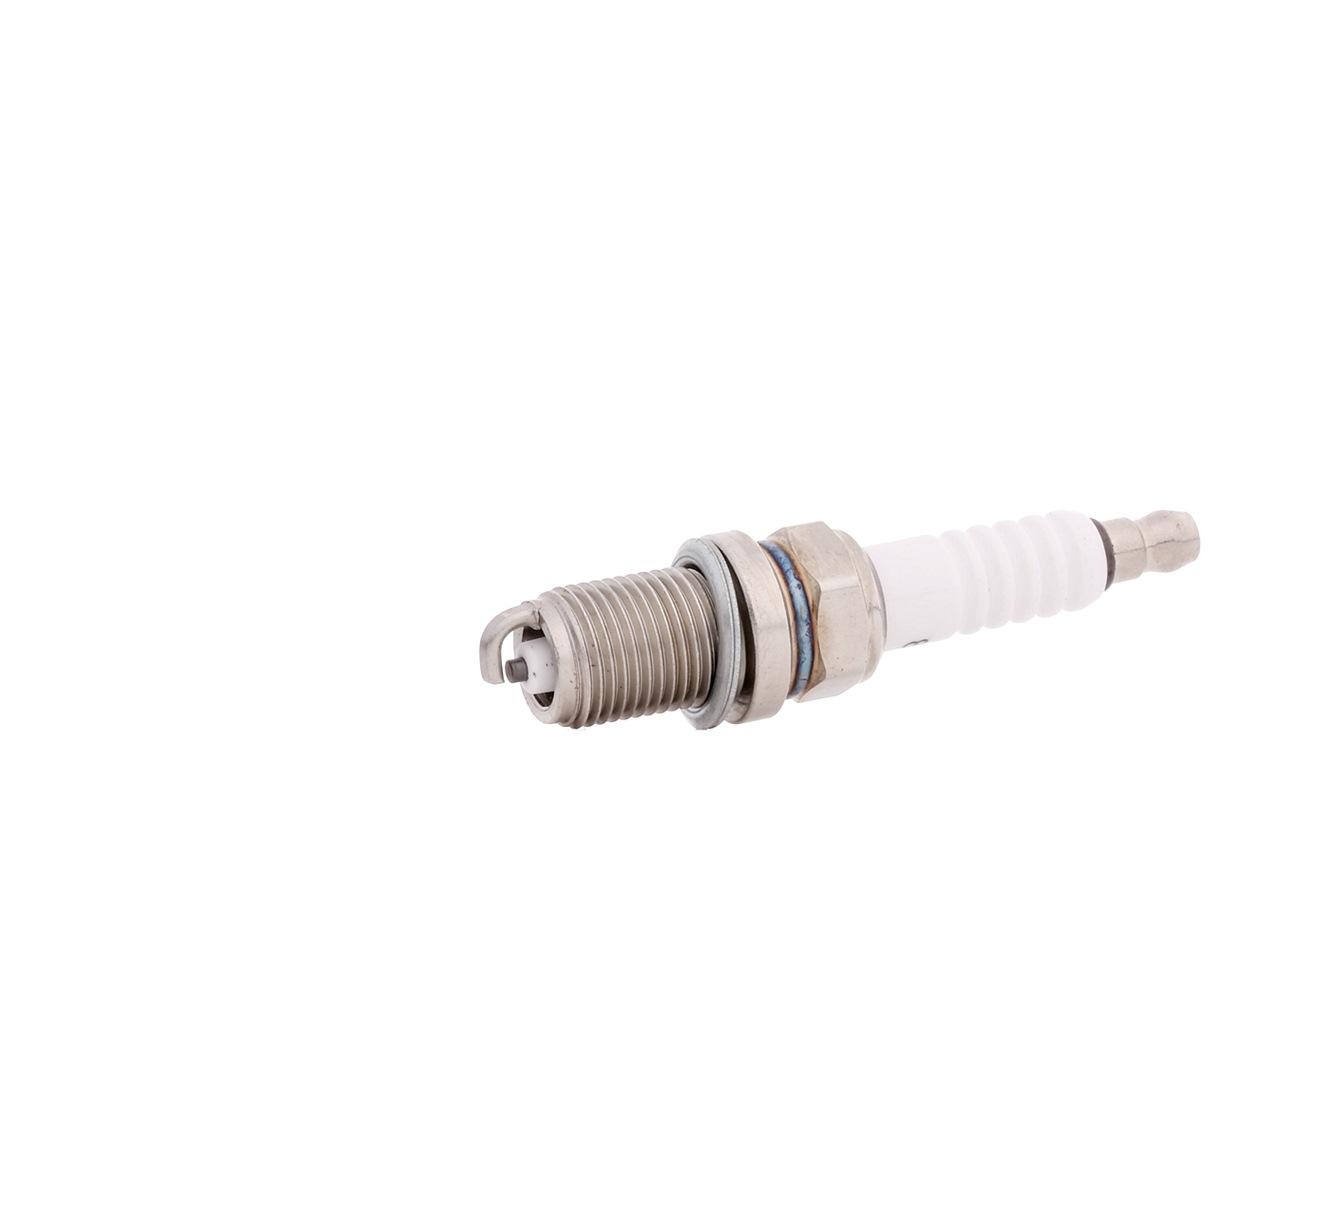 Spark Plug STARK SKSP-1990002 rating